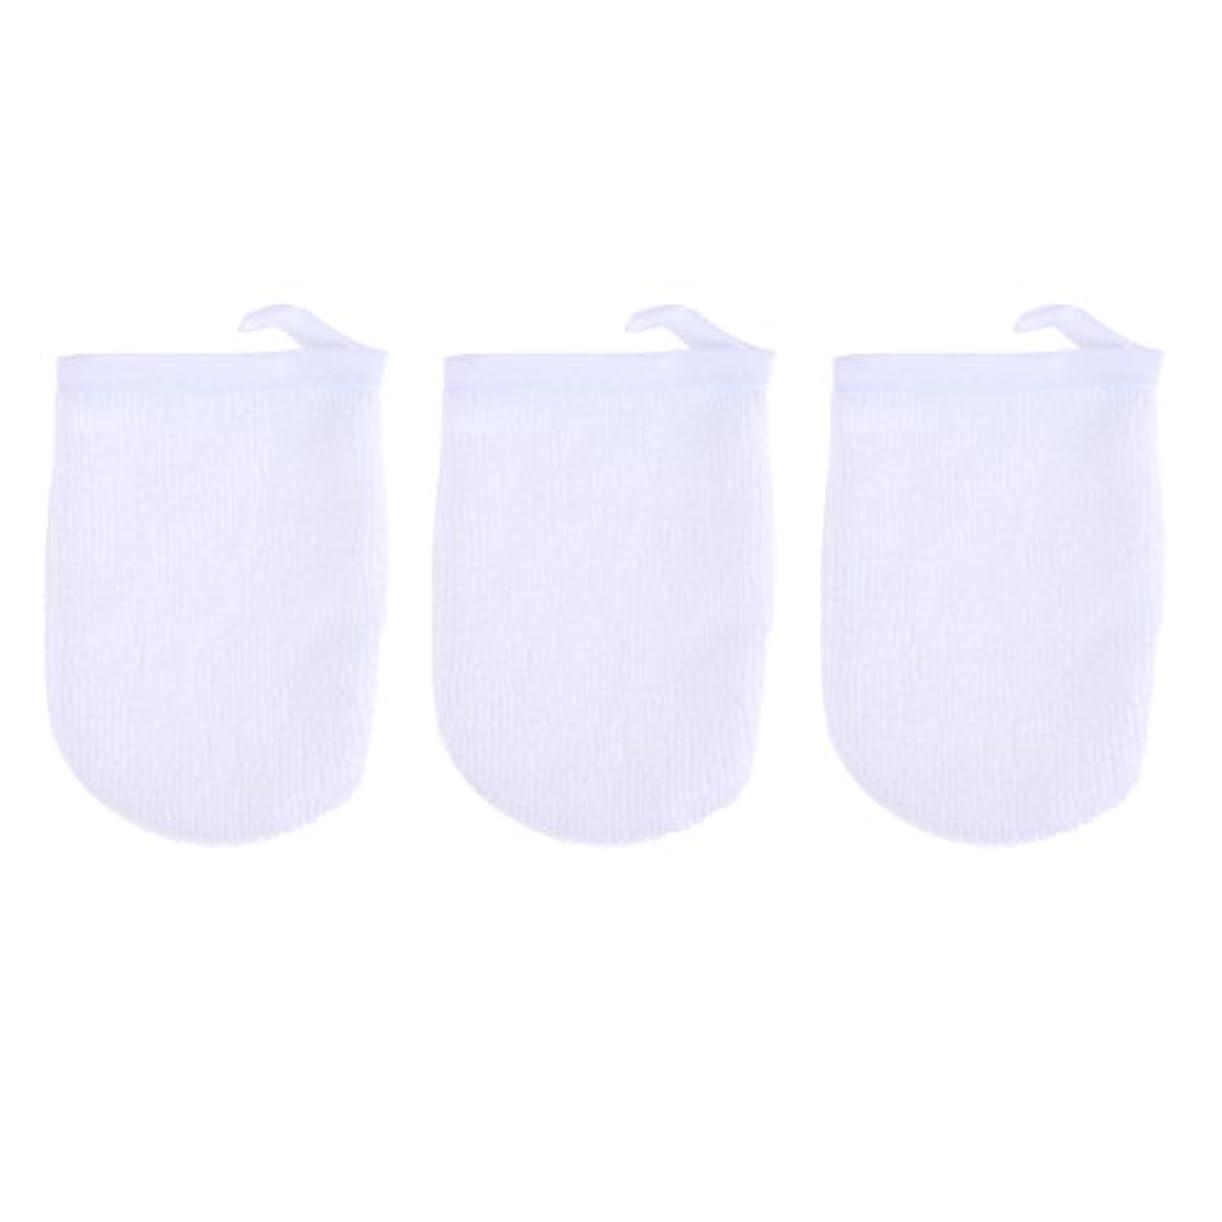 申込み省庭園BESTONZON 3ピースマイクロファイバー洗顔手袋フェイスクレンジングタオルクロススパミットソフト洗濯道具